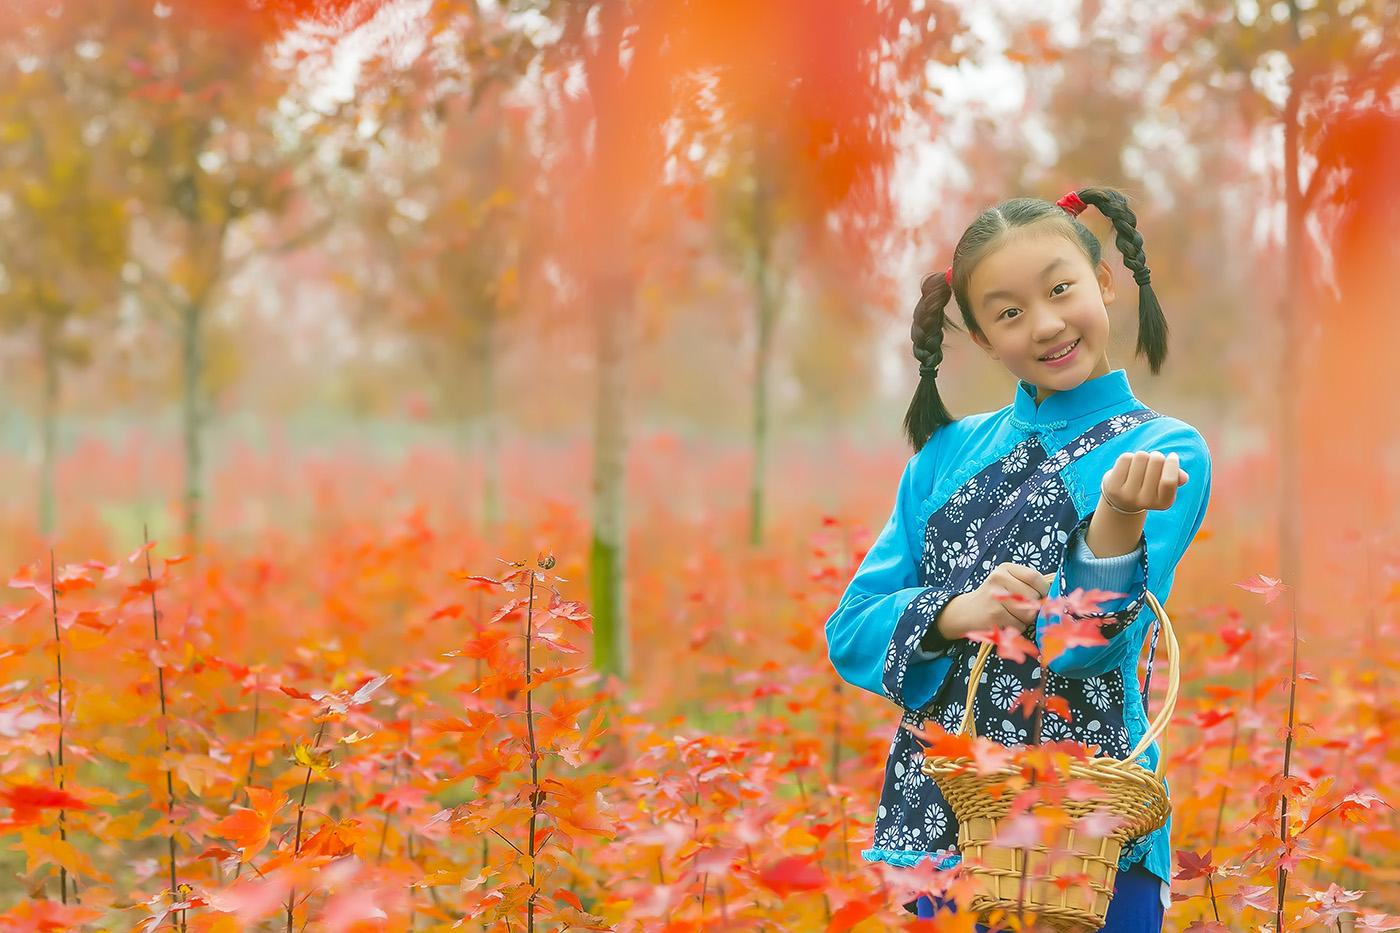 沂蒙山区竟然有这么一片童话般的树林 沂蒙小精灵火红的童年来袭 ..._图1-14